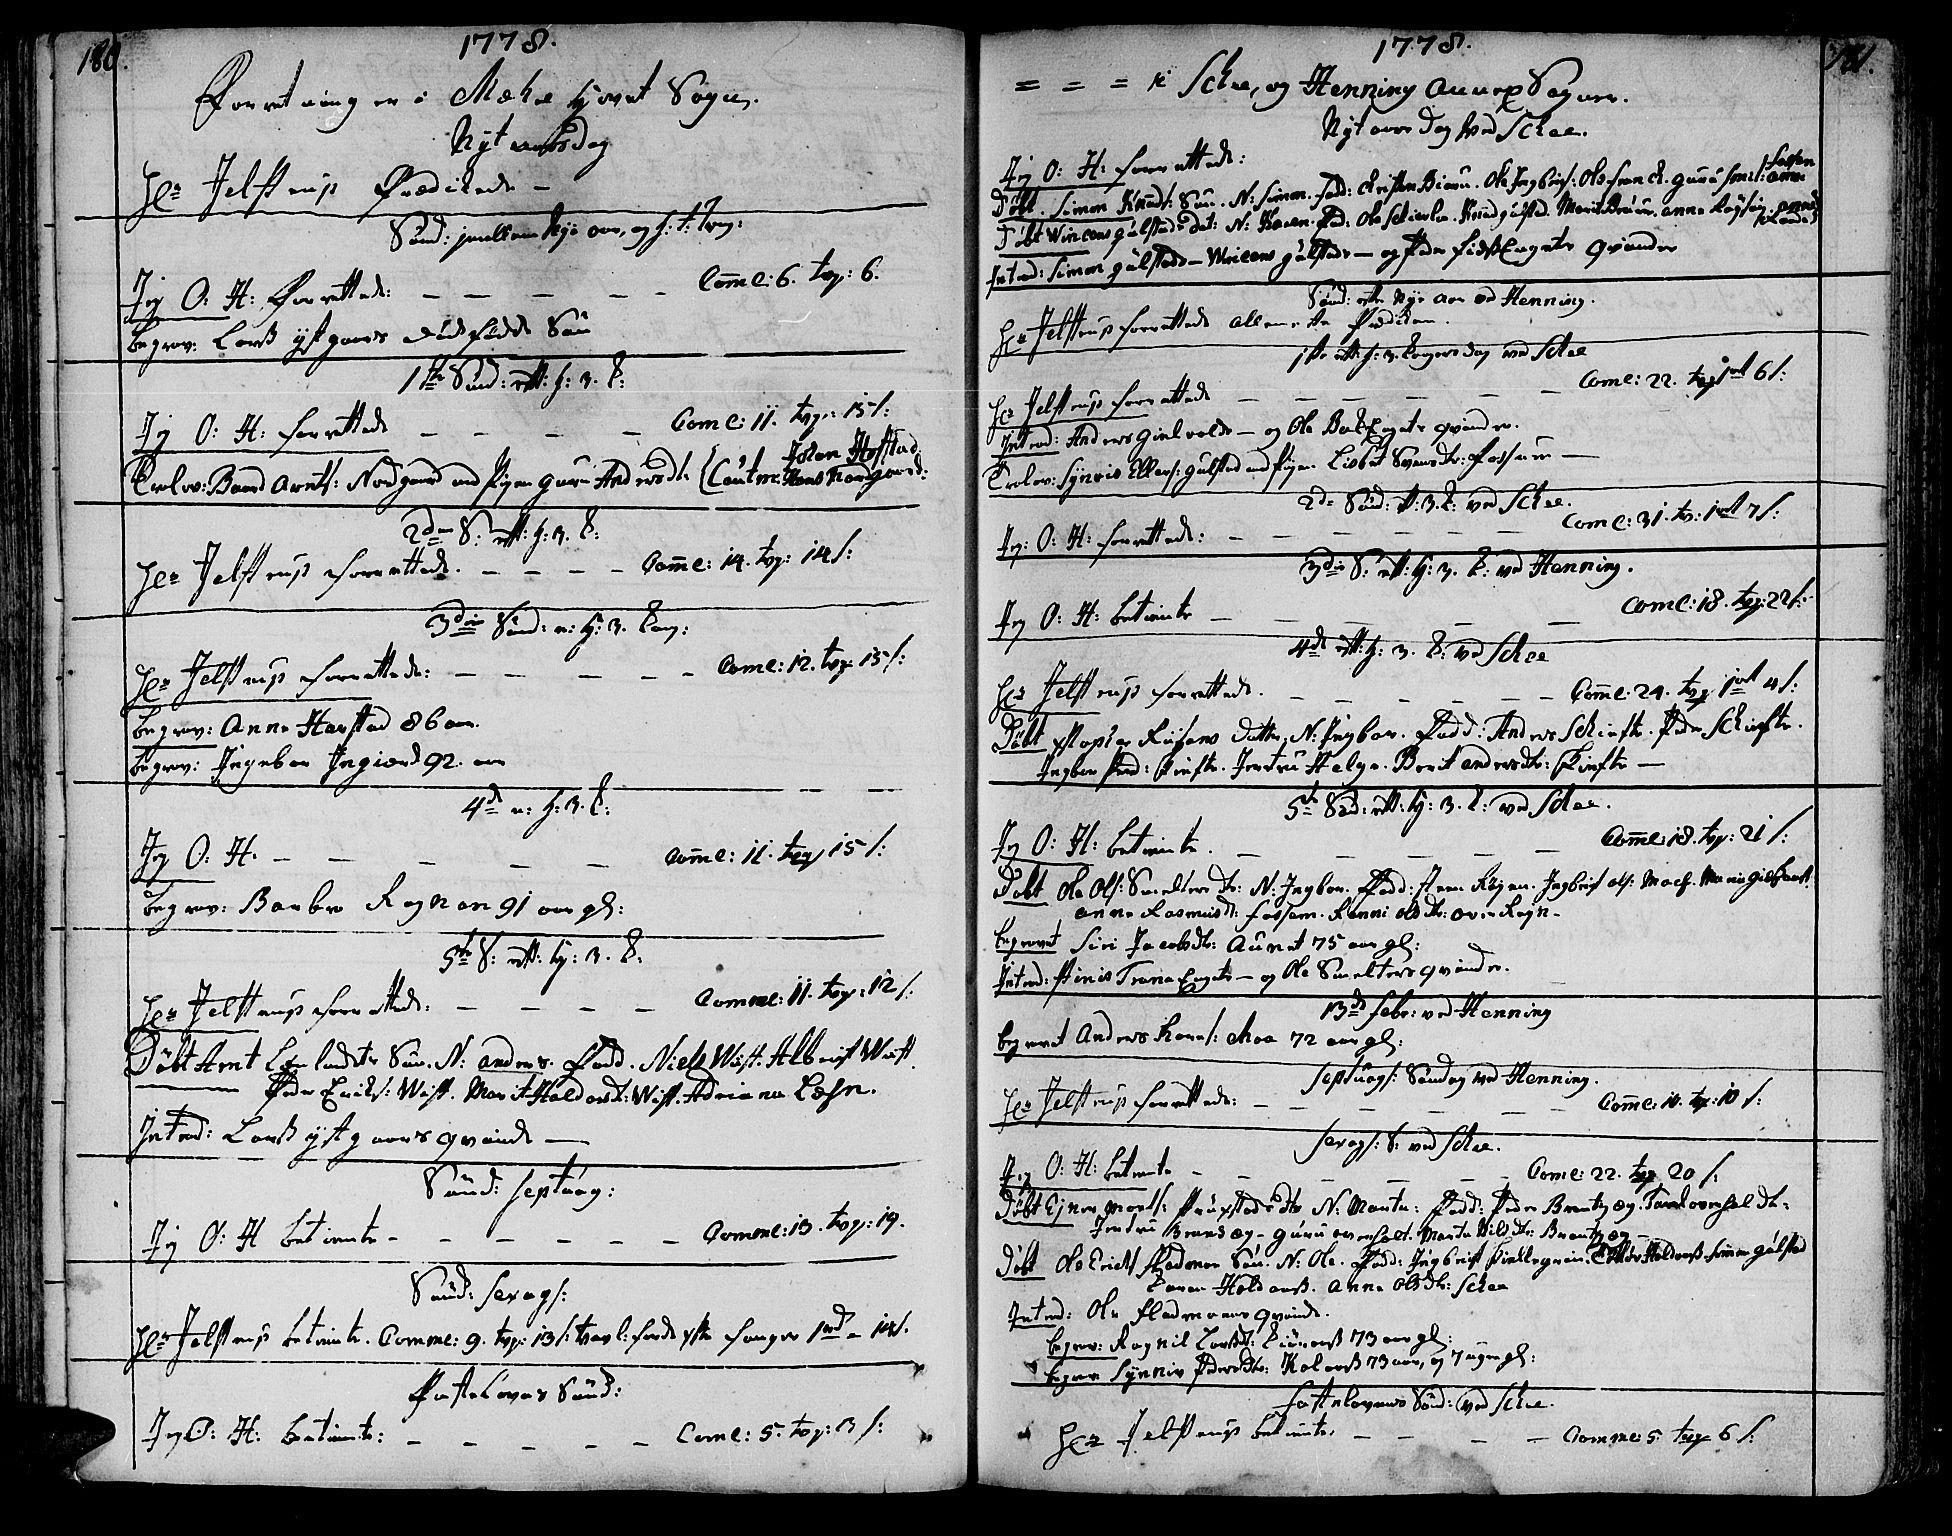 SAT, Ministerialprotokoller, klokkerbøker og fødselsregistre - Nord-Trøndelag, 735/L0331: Ministerialbok nr. 735A02, 1762-1794, s. 180-181